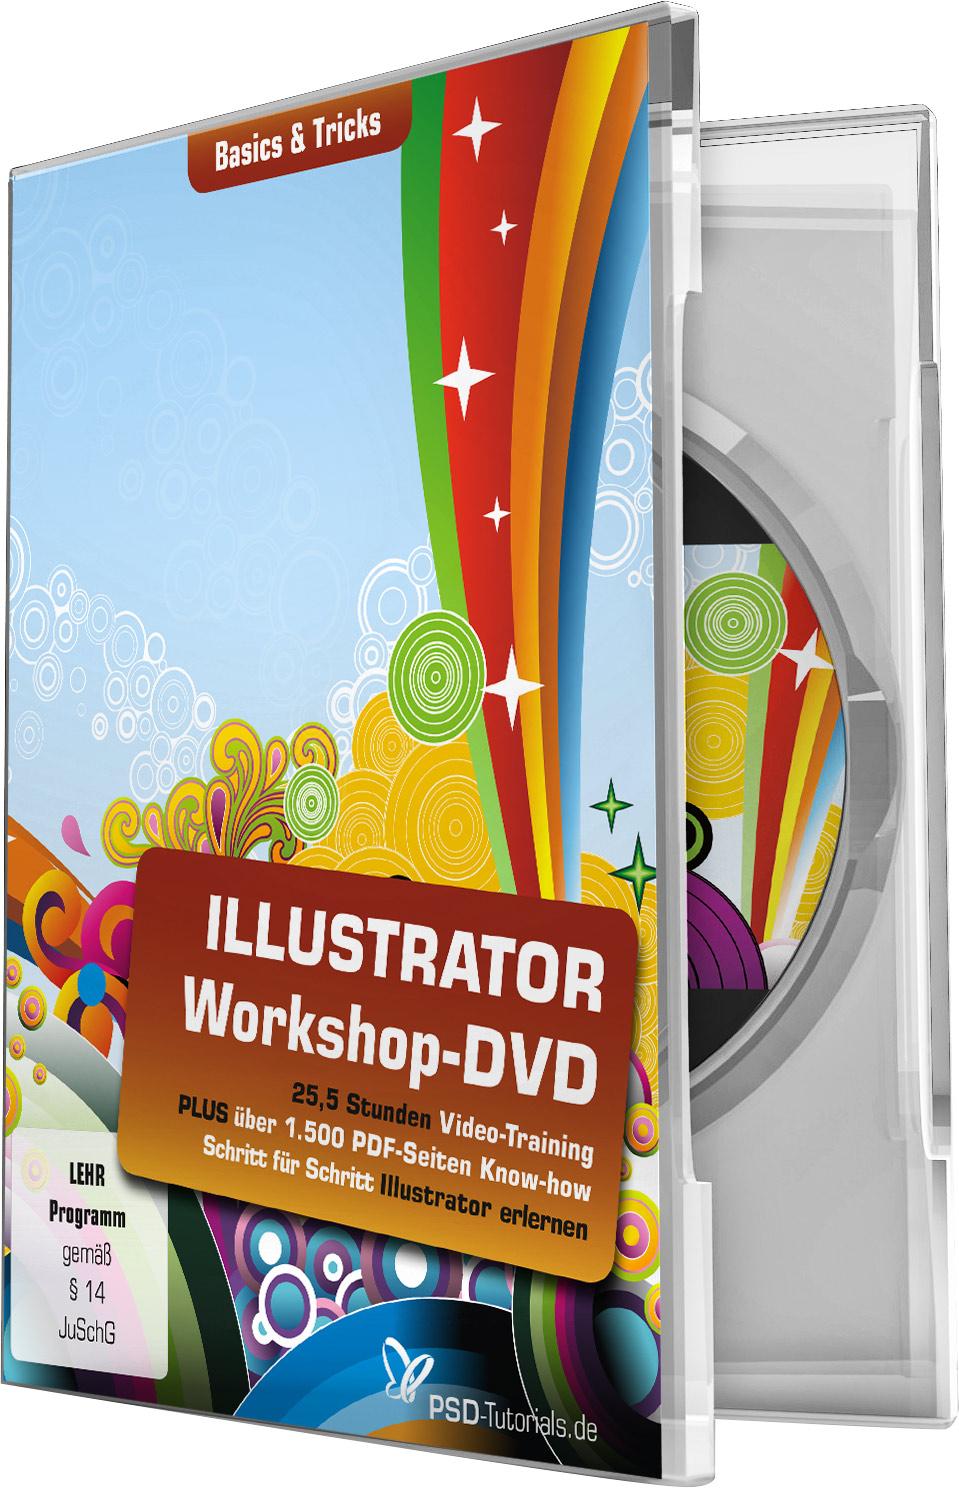 illustrator workshop dvd basics tricks psd shop. Black Bedroom Furniture Sets. Home Design Ideas